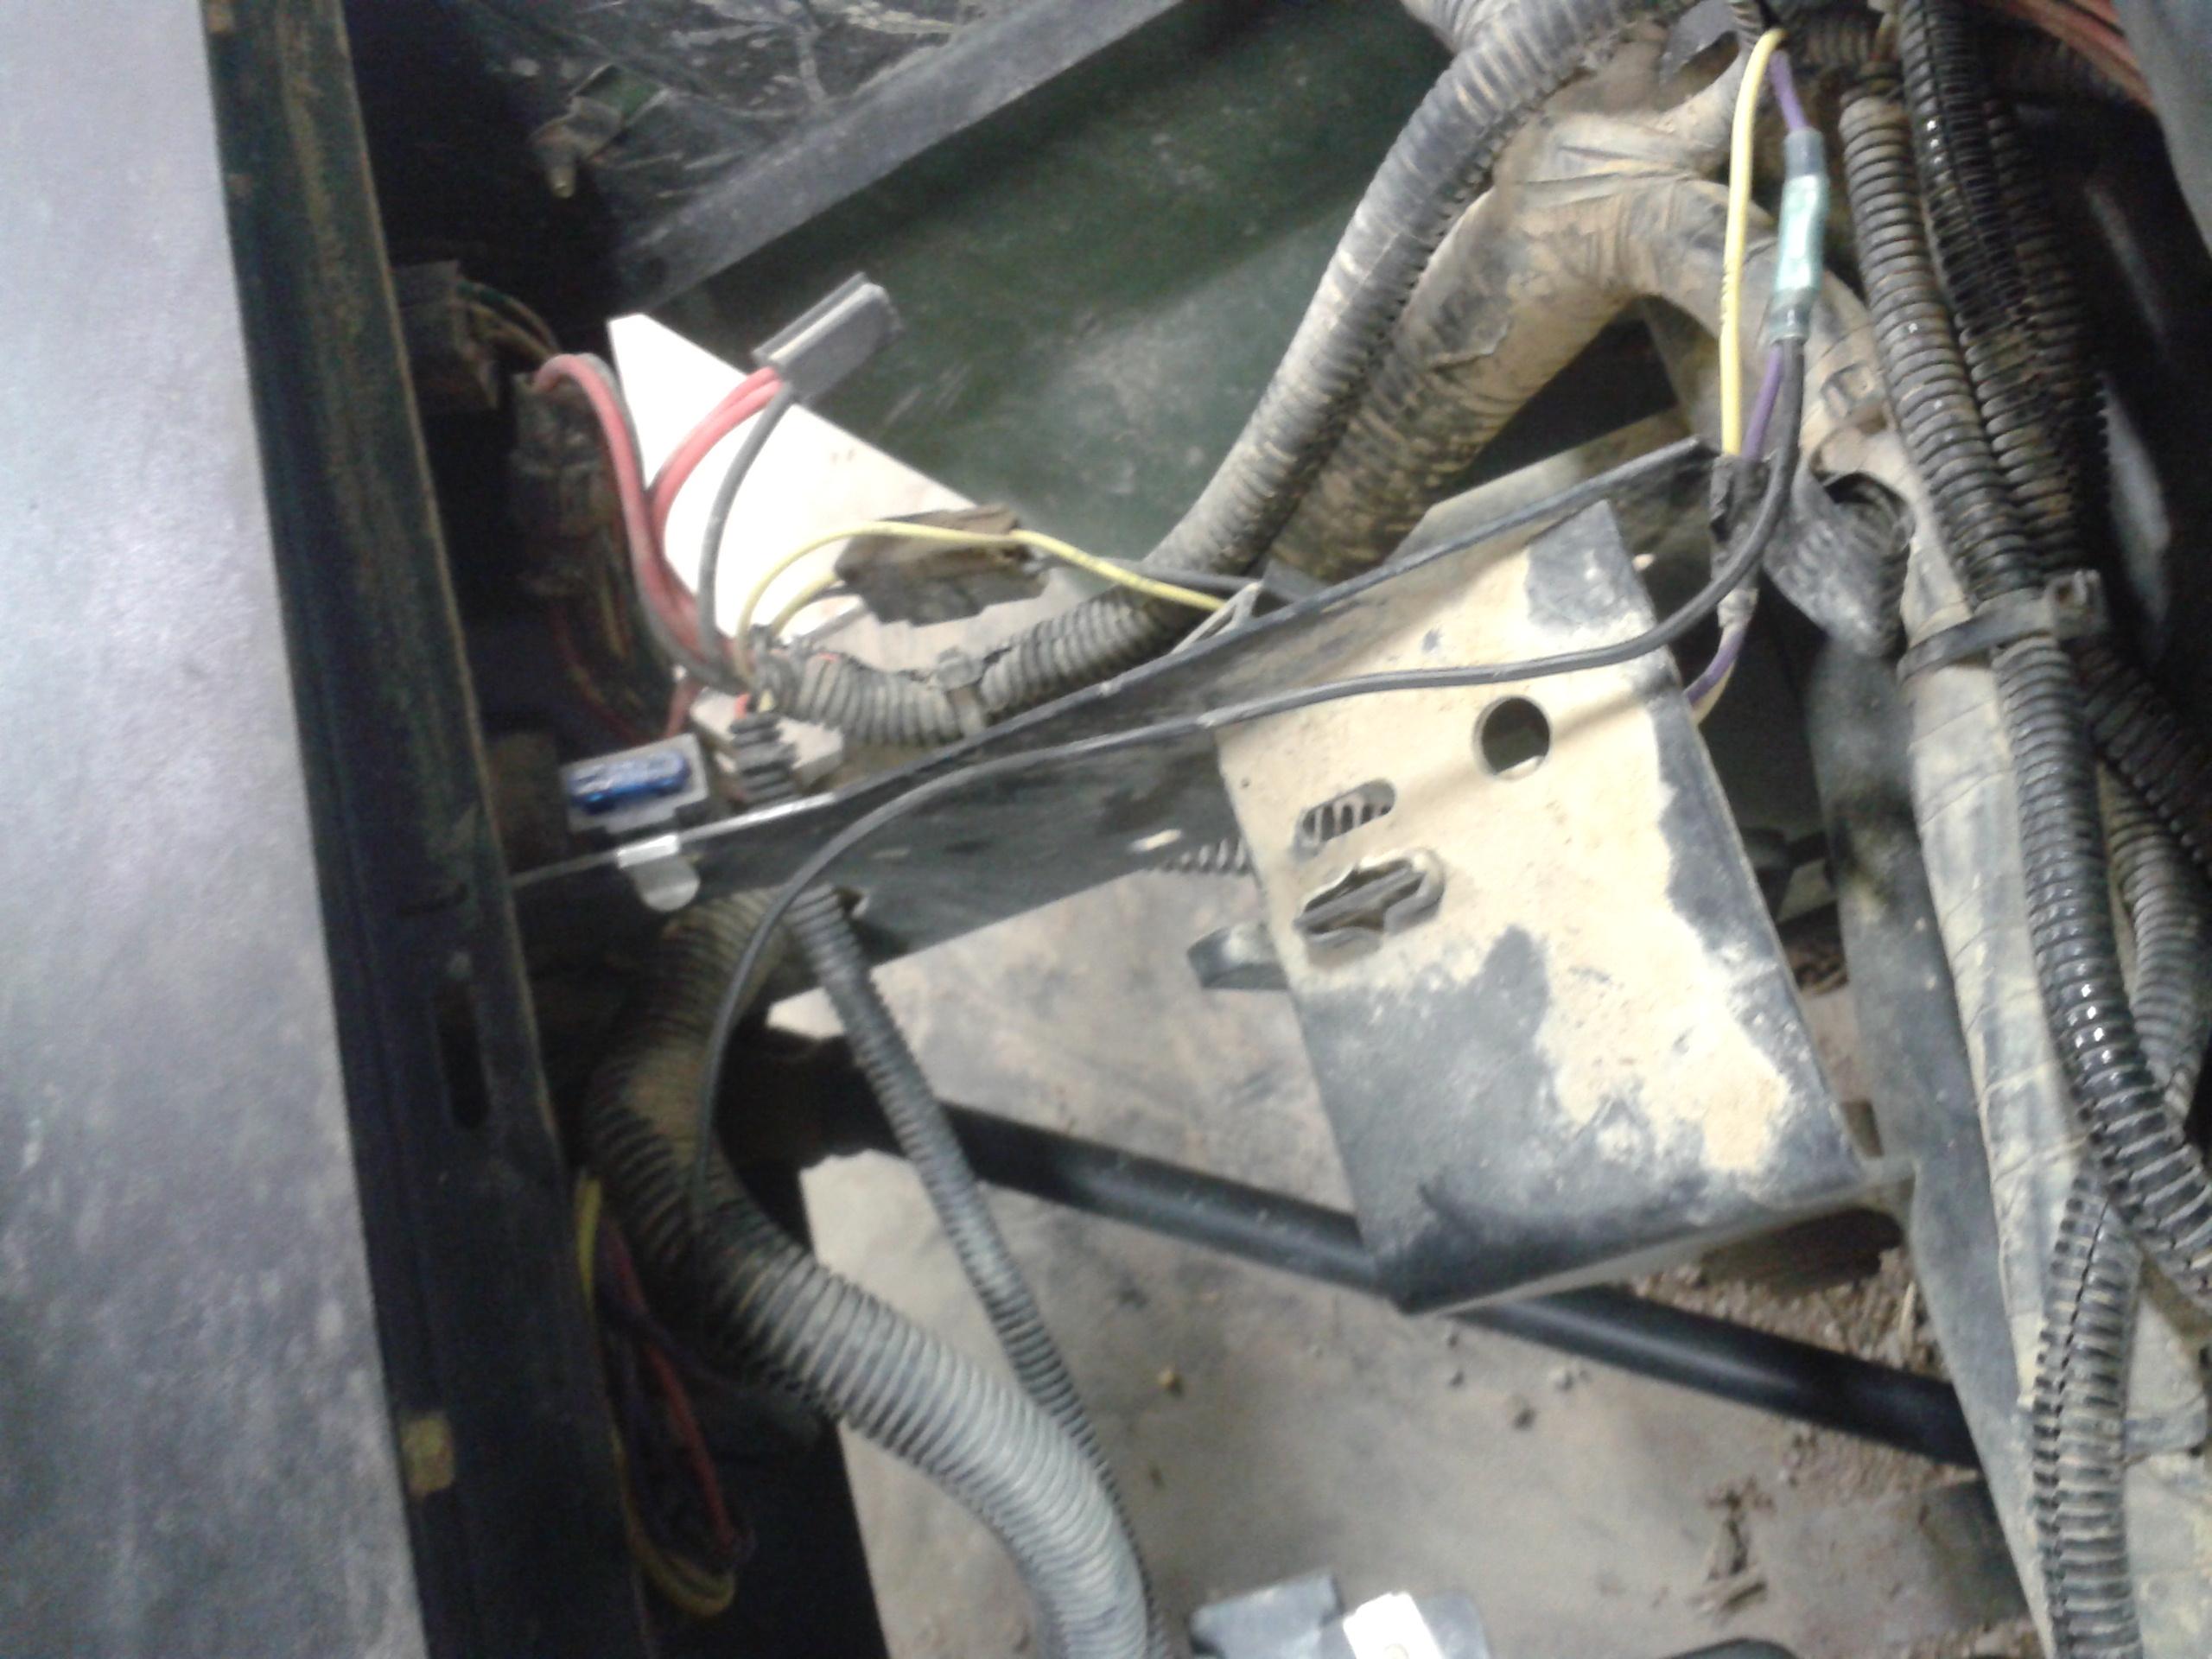 John Deere Neutral Safety Switch Wiring Diagram Radio Seat 825i Brake Pedal Start Mod Gator Forums Rh Gatorforums Net Ford Mazda 6